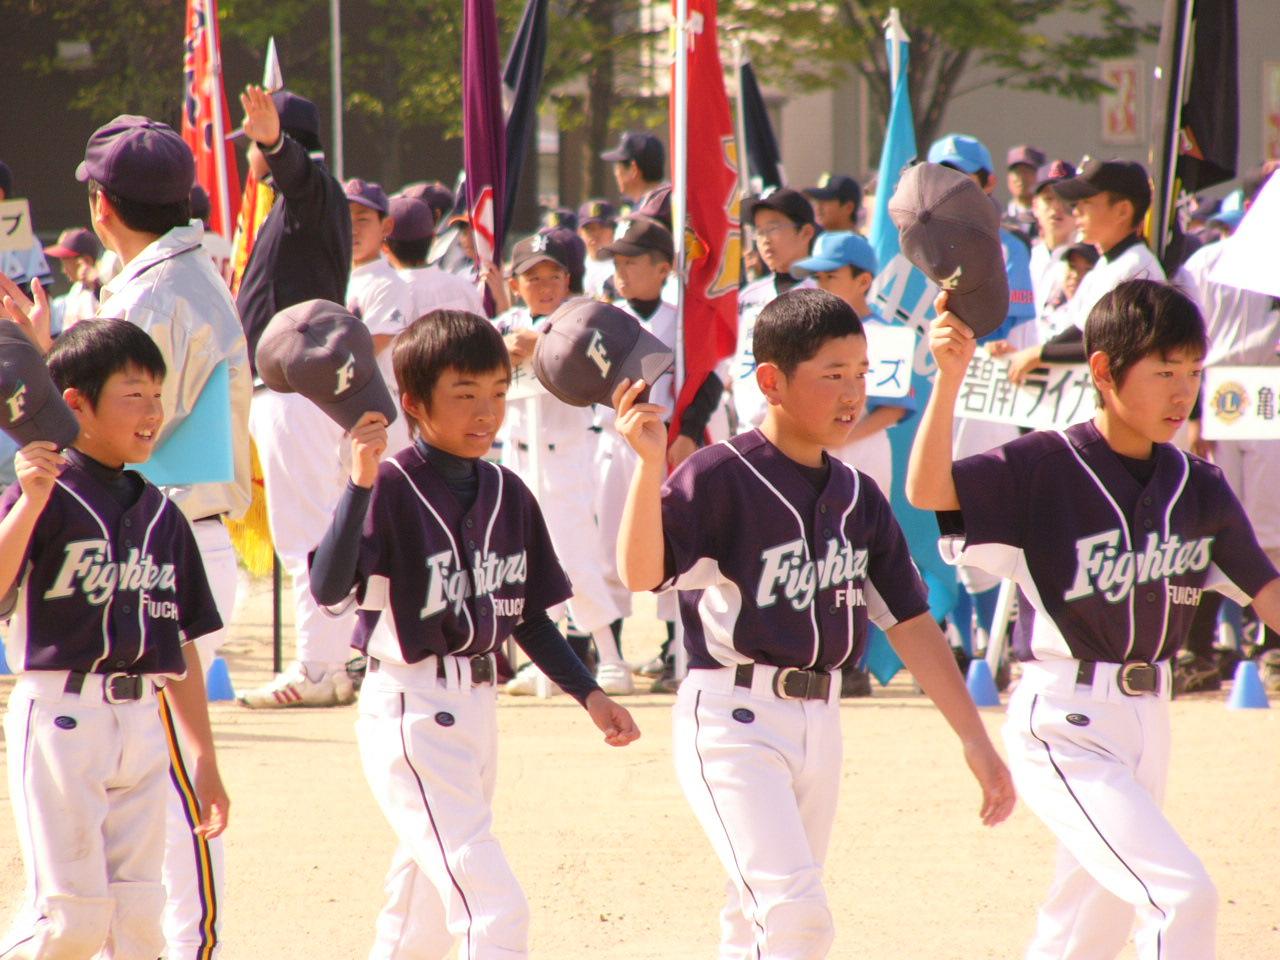 西尾市長旗杯開会式 (23)